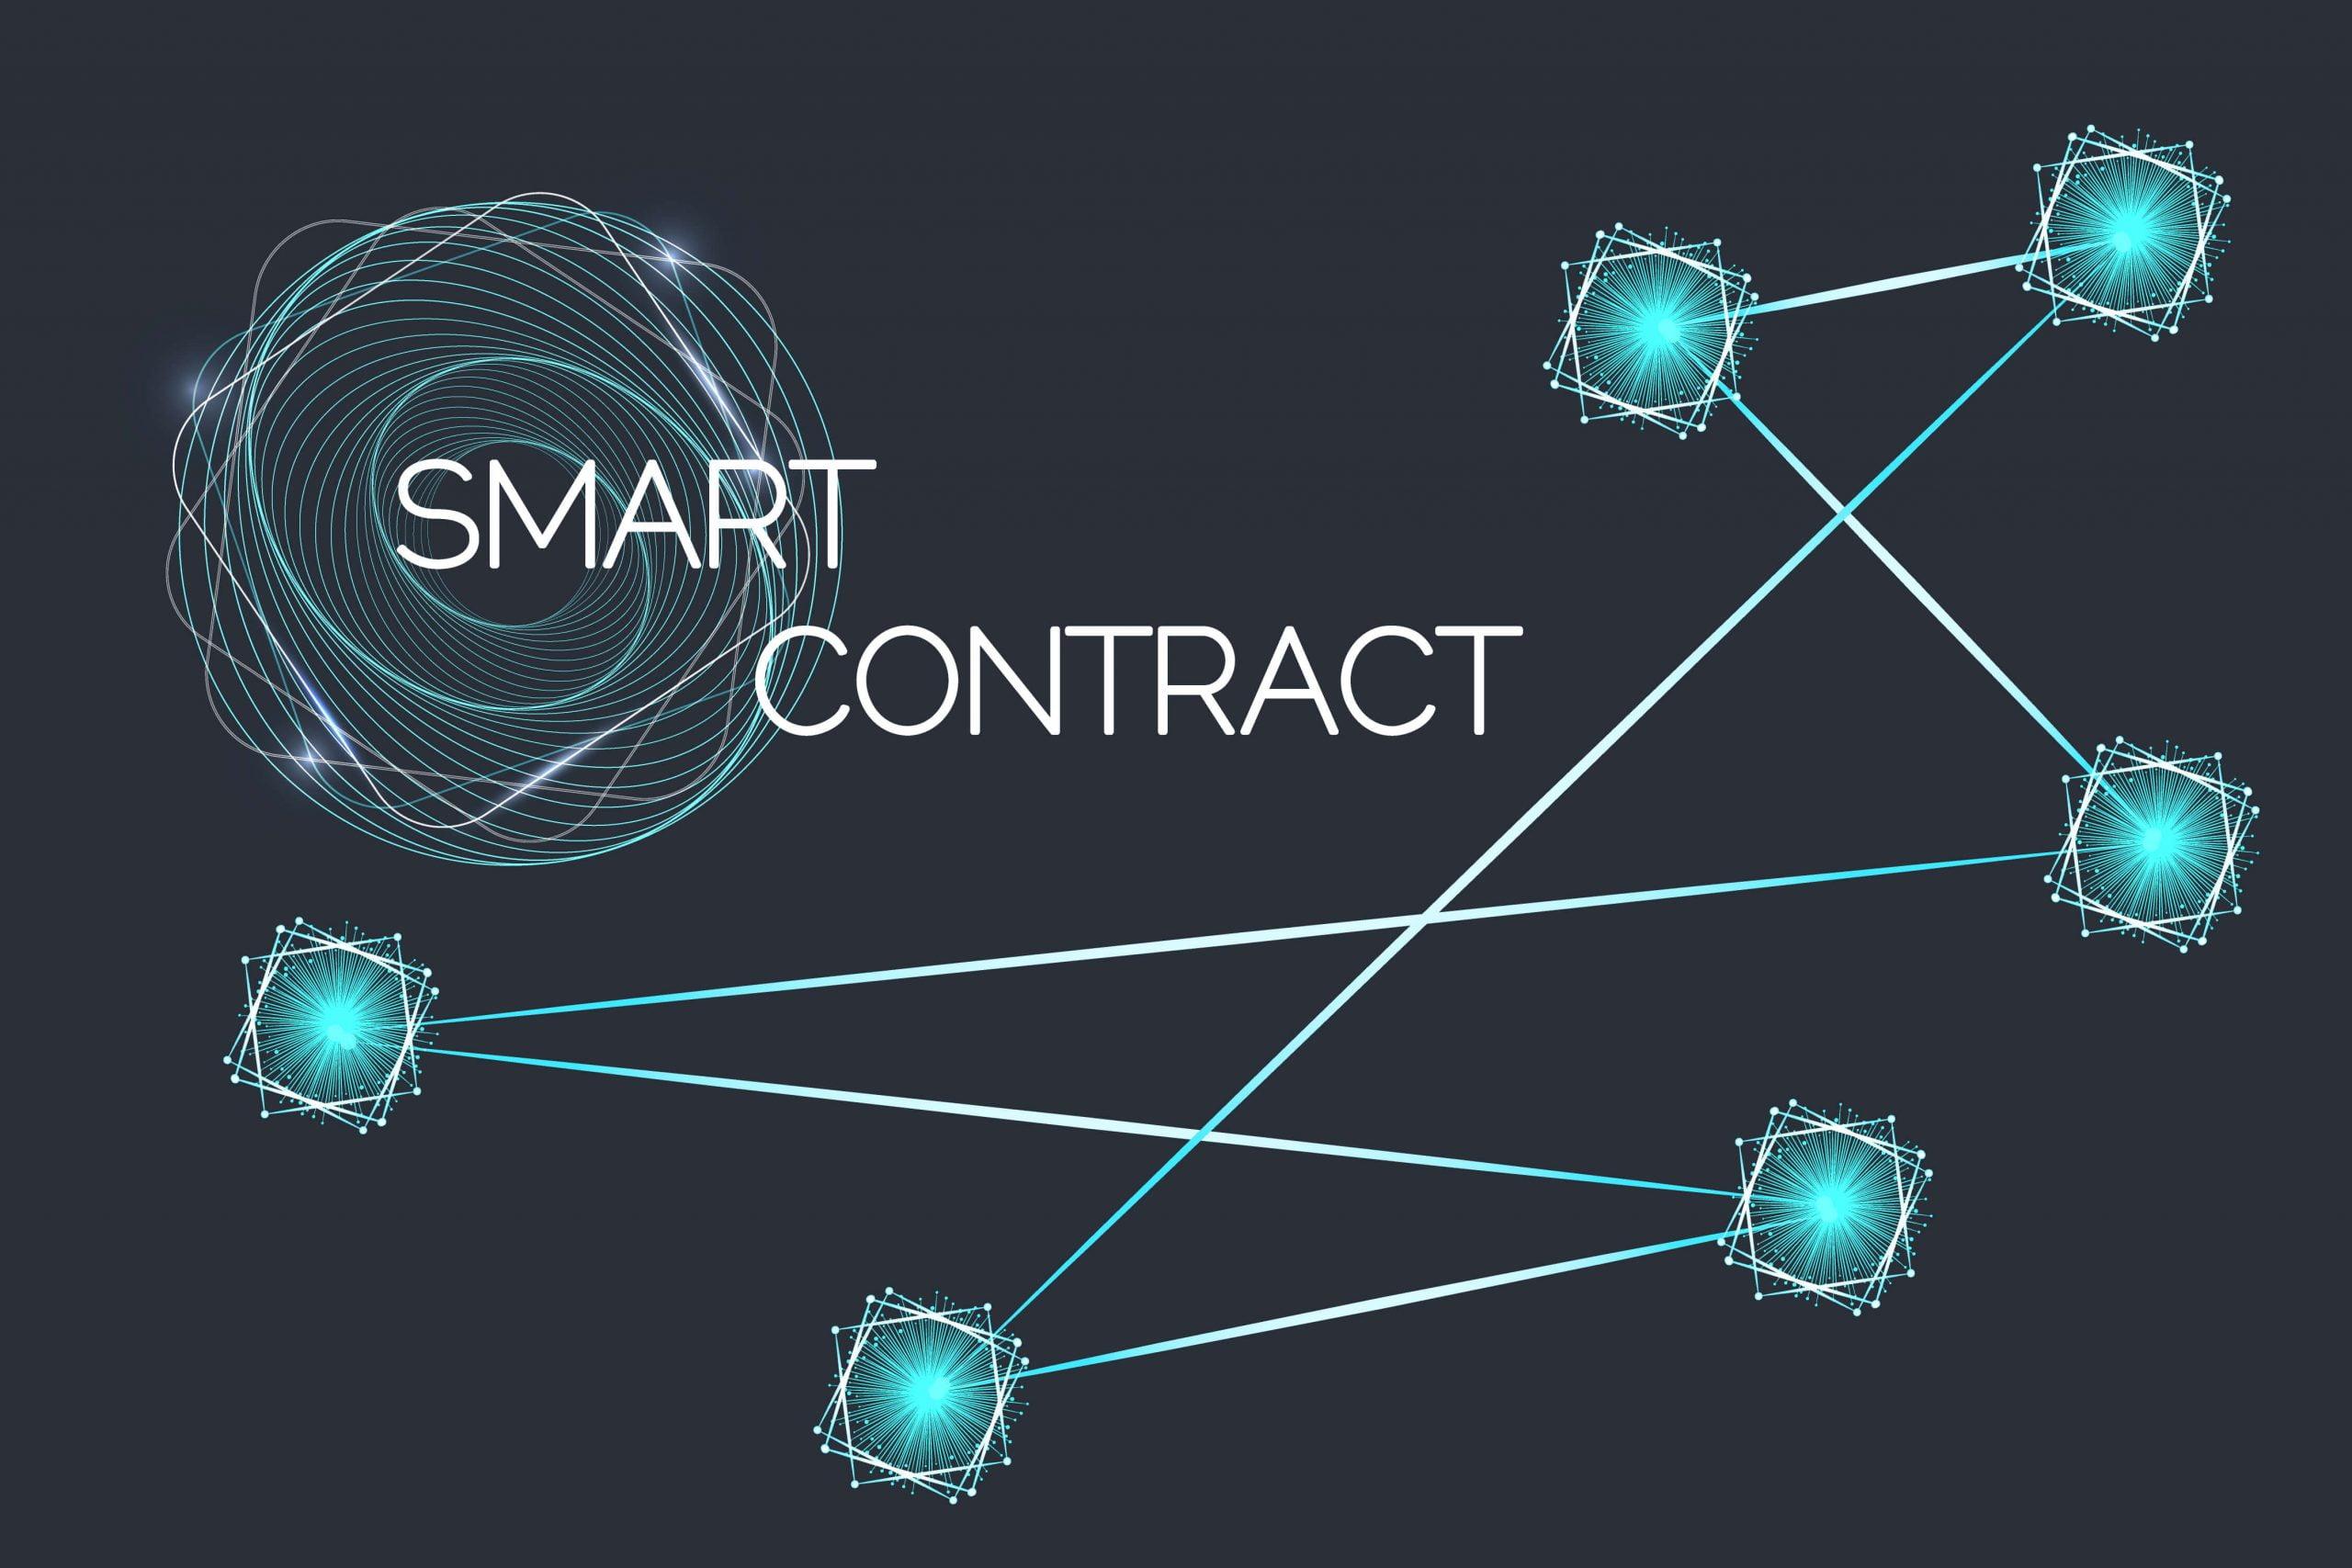 Akıllı Sözleşme Nedir? (Smart Contract) 1 - Akıllı Sözleşme scaled